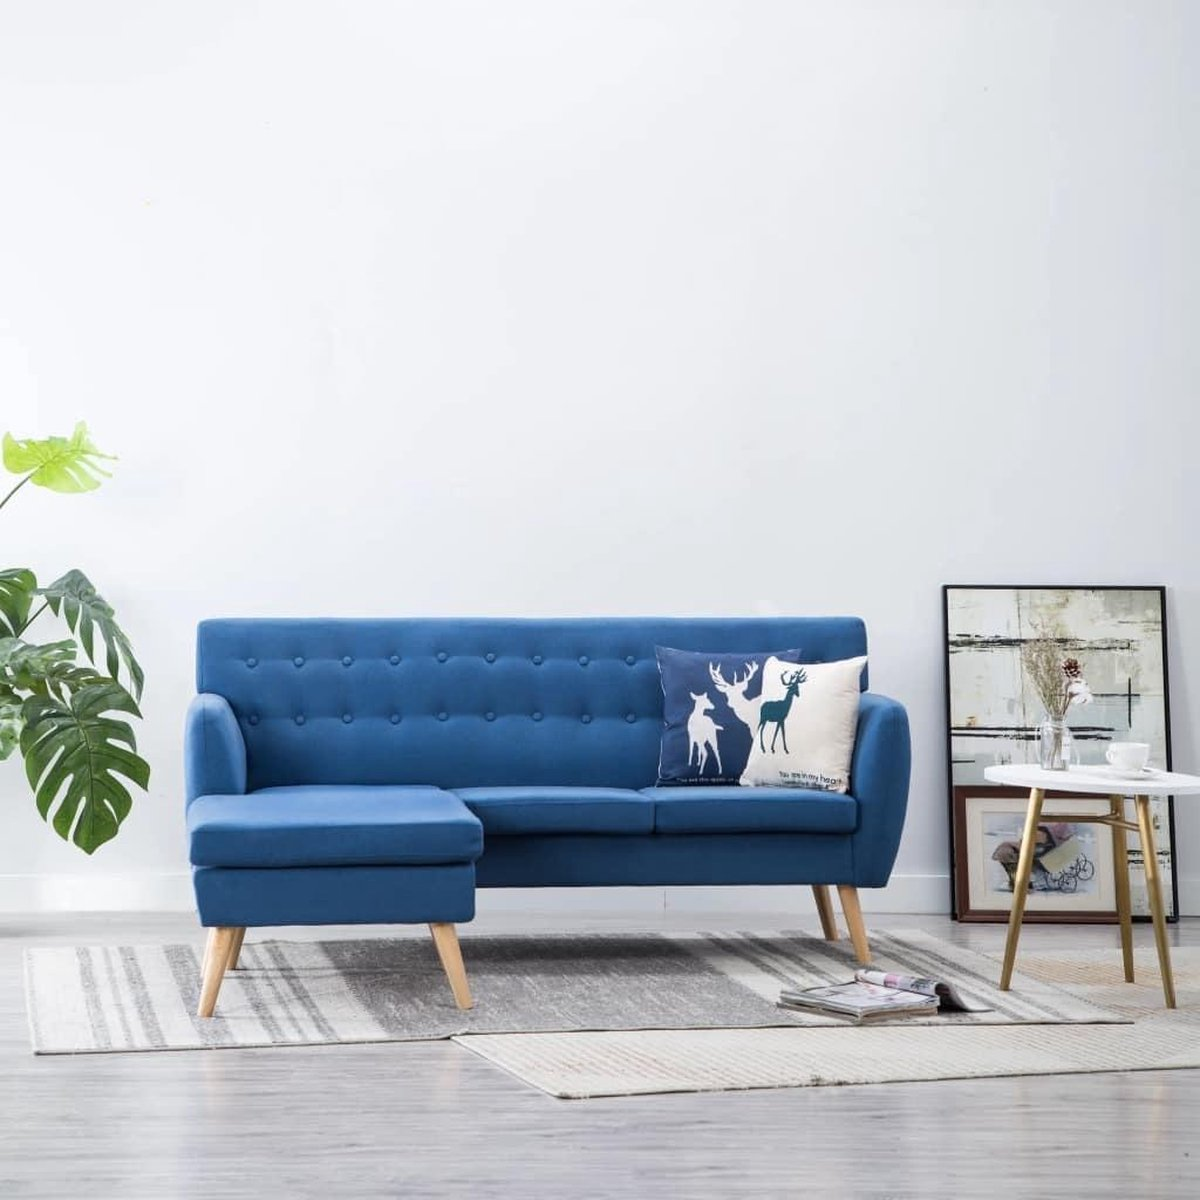 Bankstel 3 Zits Stof Blauw L Vorm Met Longchair Incl Fleece Deken Loungebank Woonkamer Bank Sofa Driezitsbank Zitbank Winkelen Nl